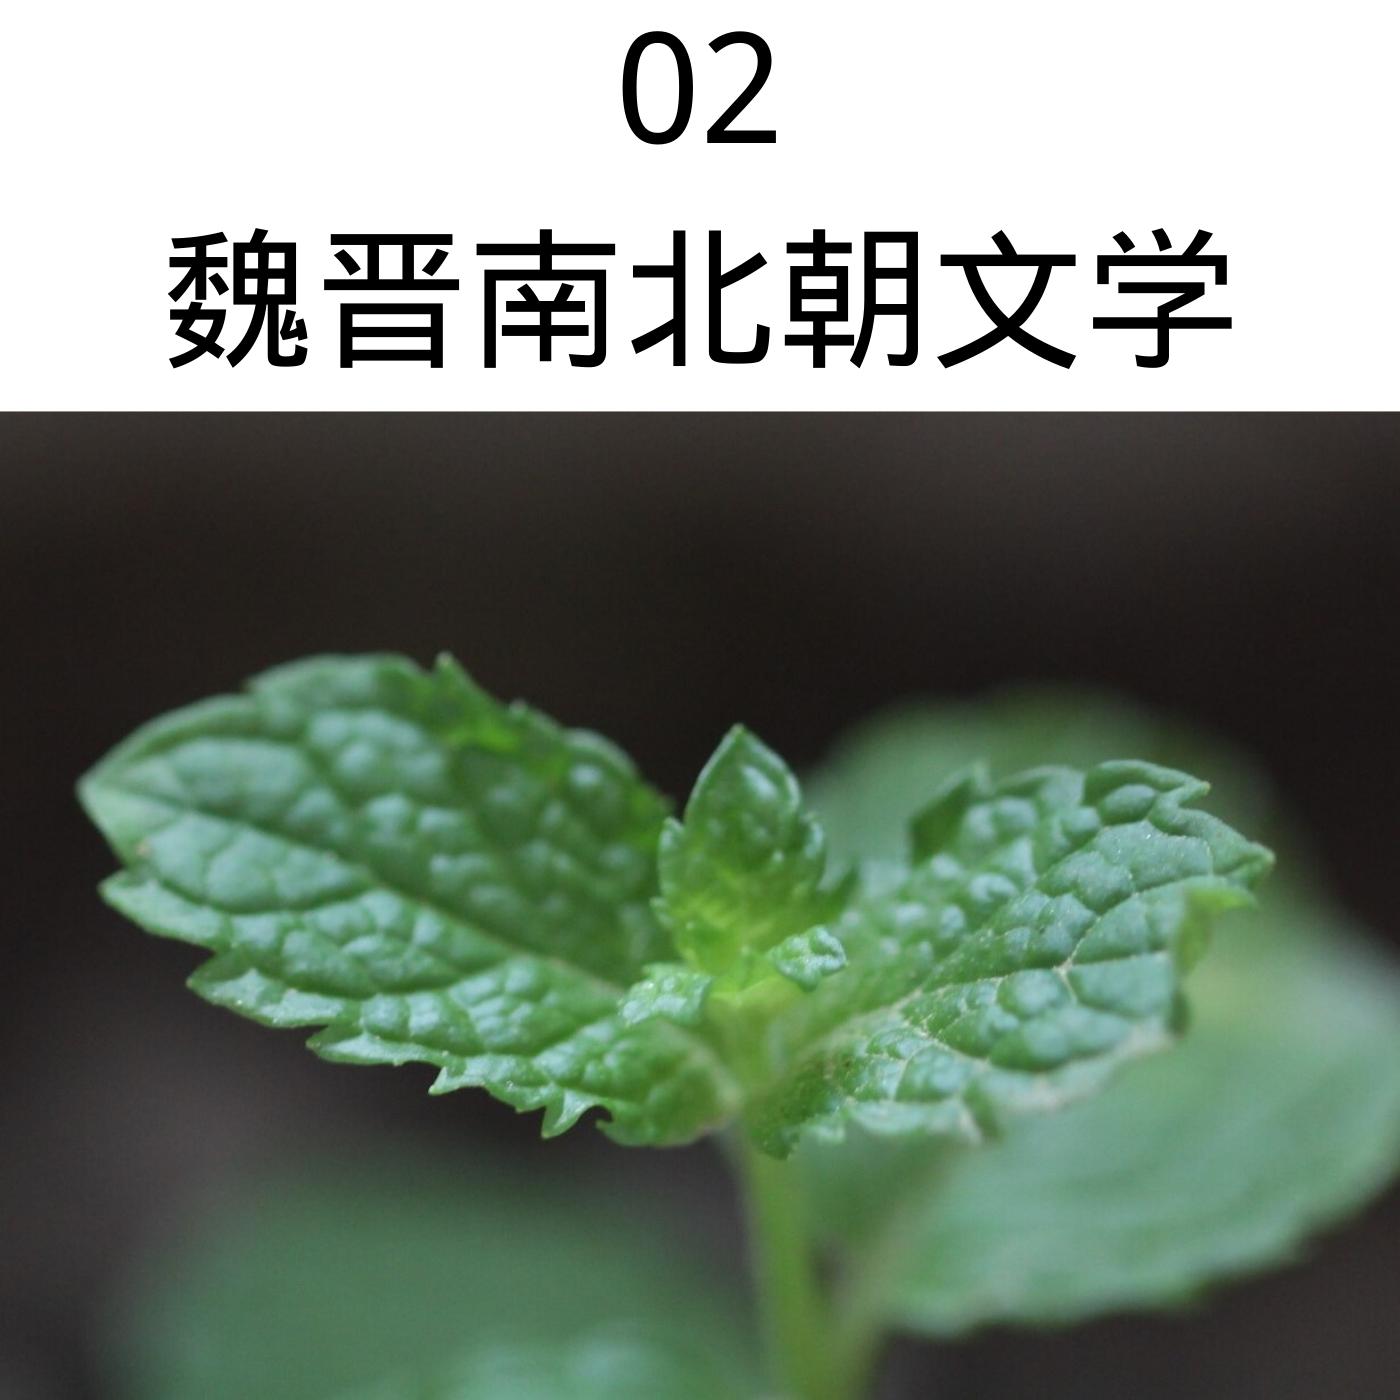 02魏晋南北朝文学